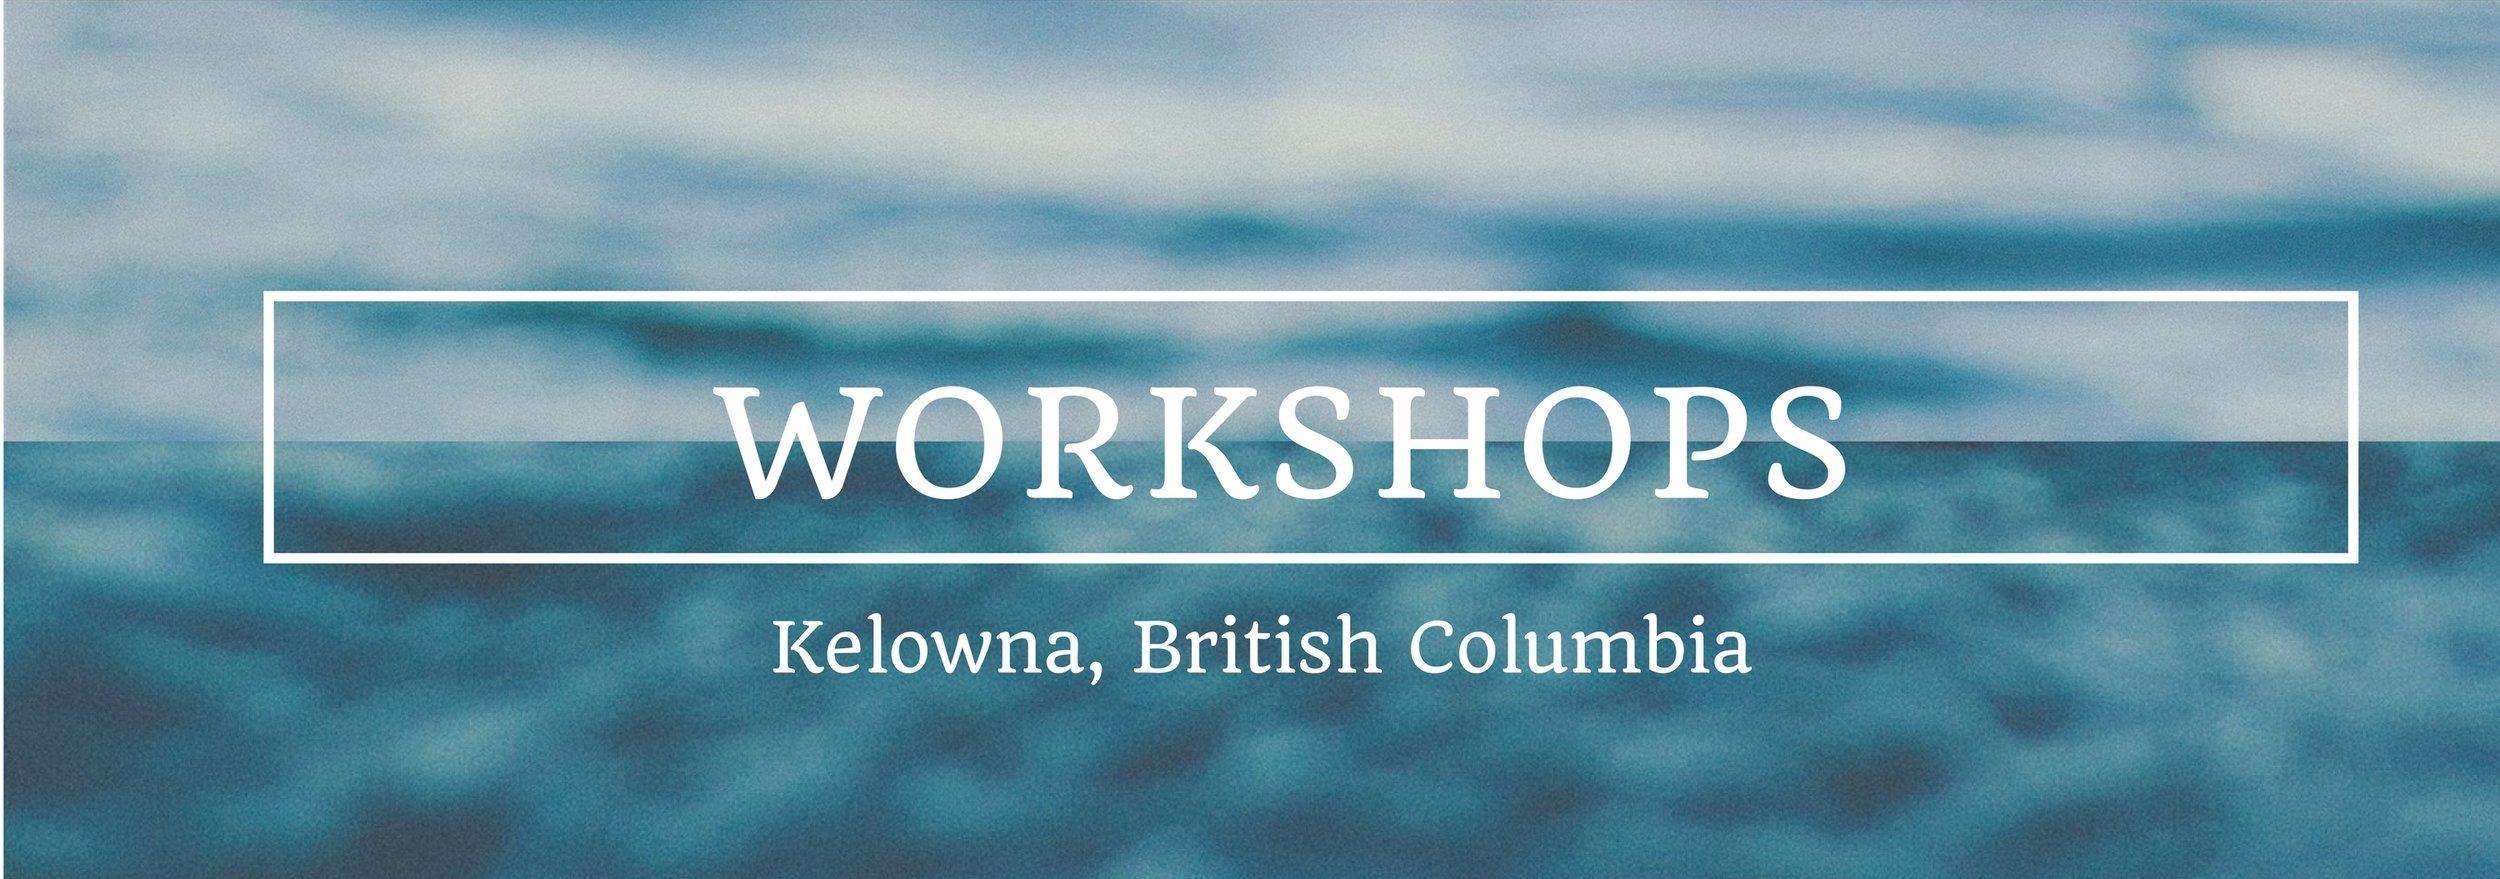 Mental Health Workshops in Kelowna